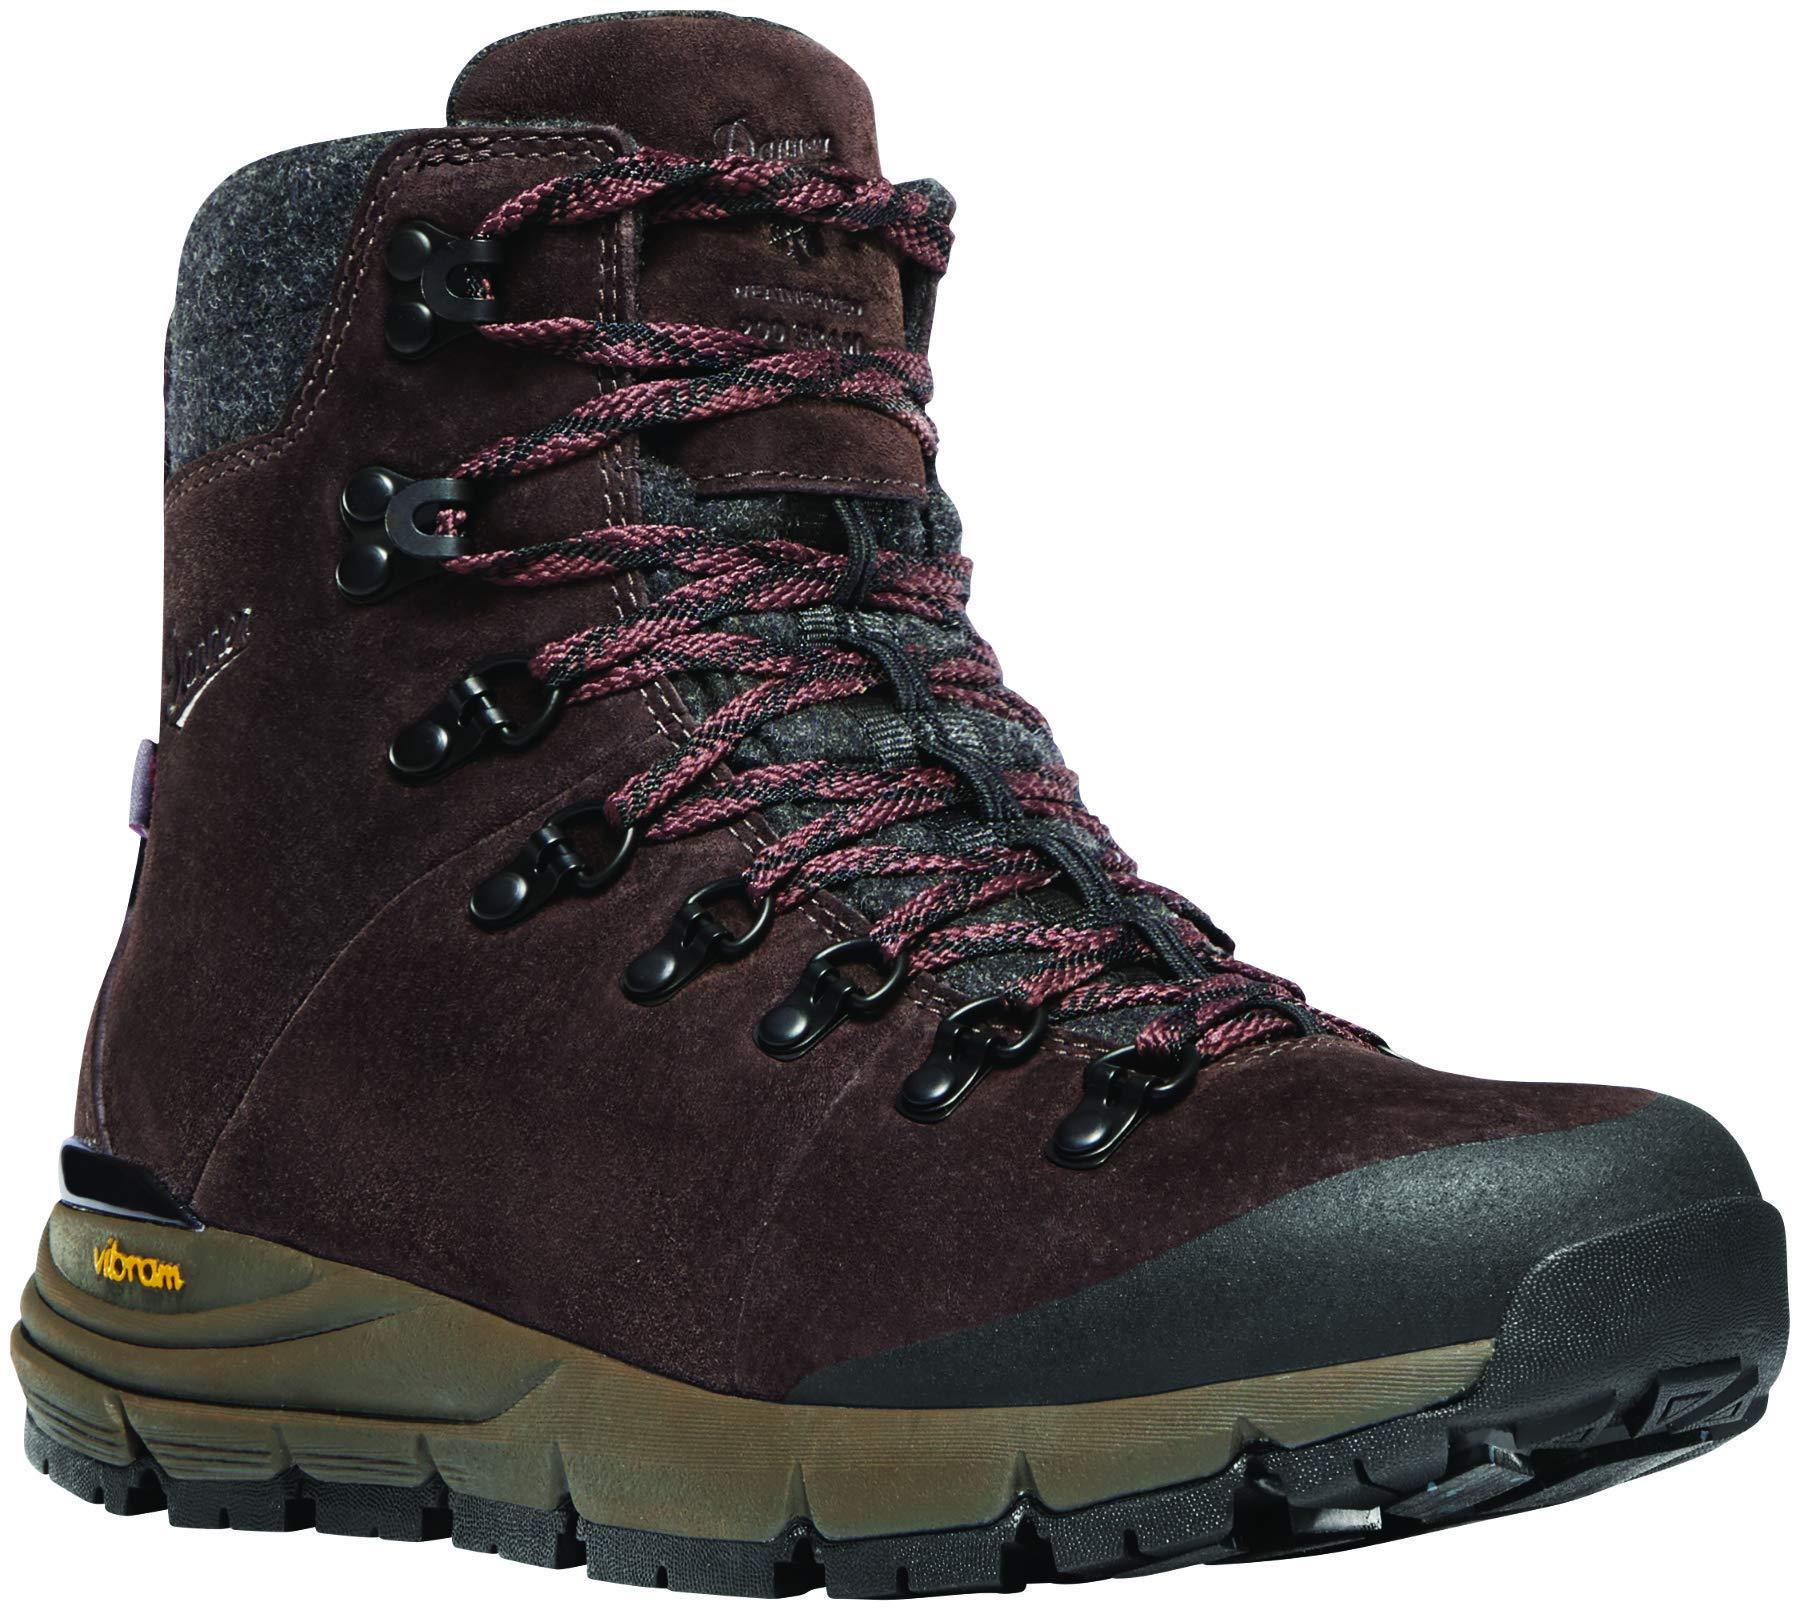 Danner Women's 67333 Arctic 600 Side-Zip 5'' Waterproof 200G Hiking Boot, Plum - 5 M by Danner